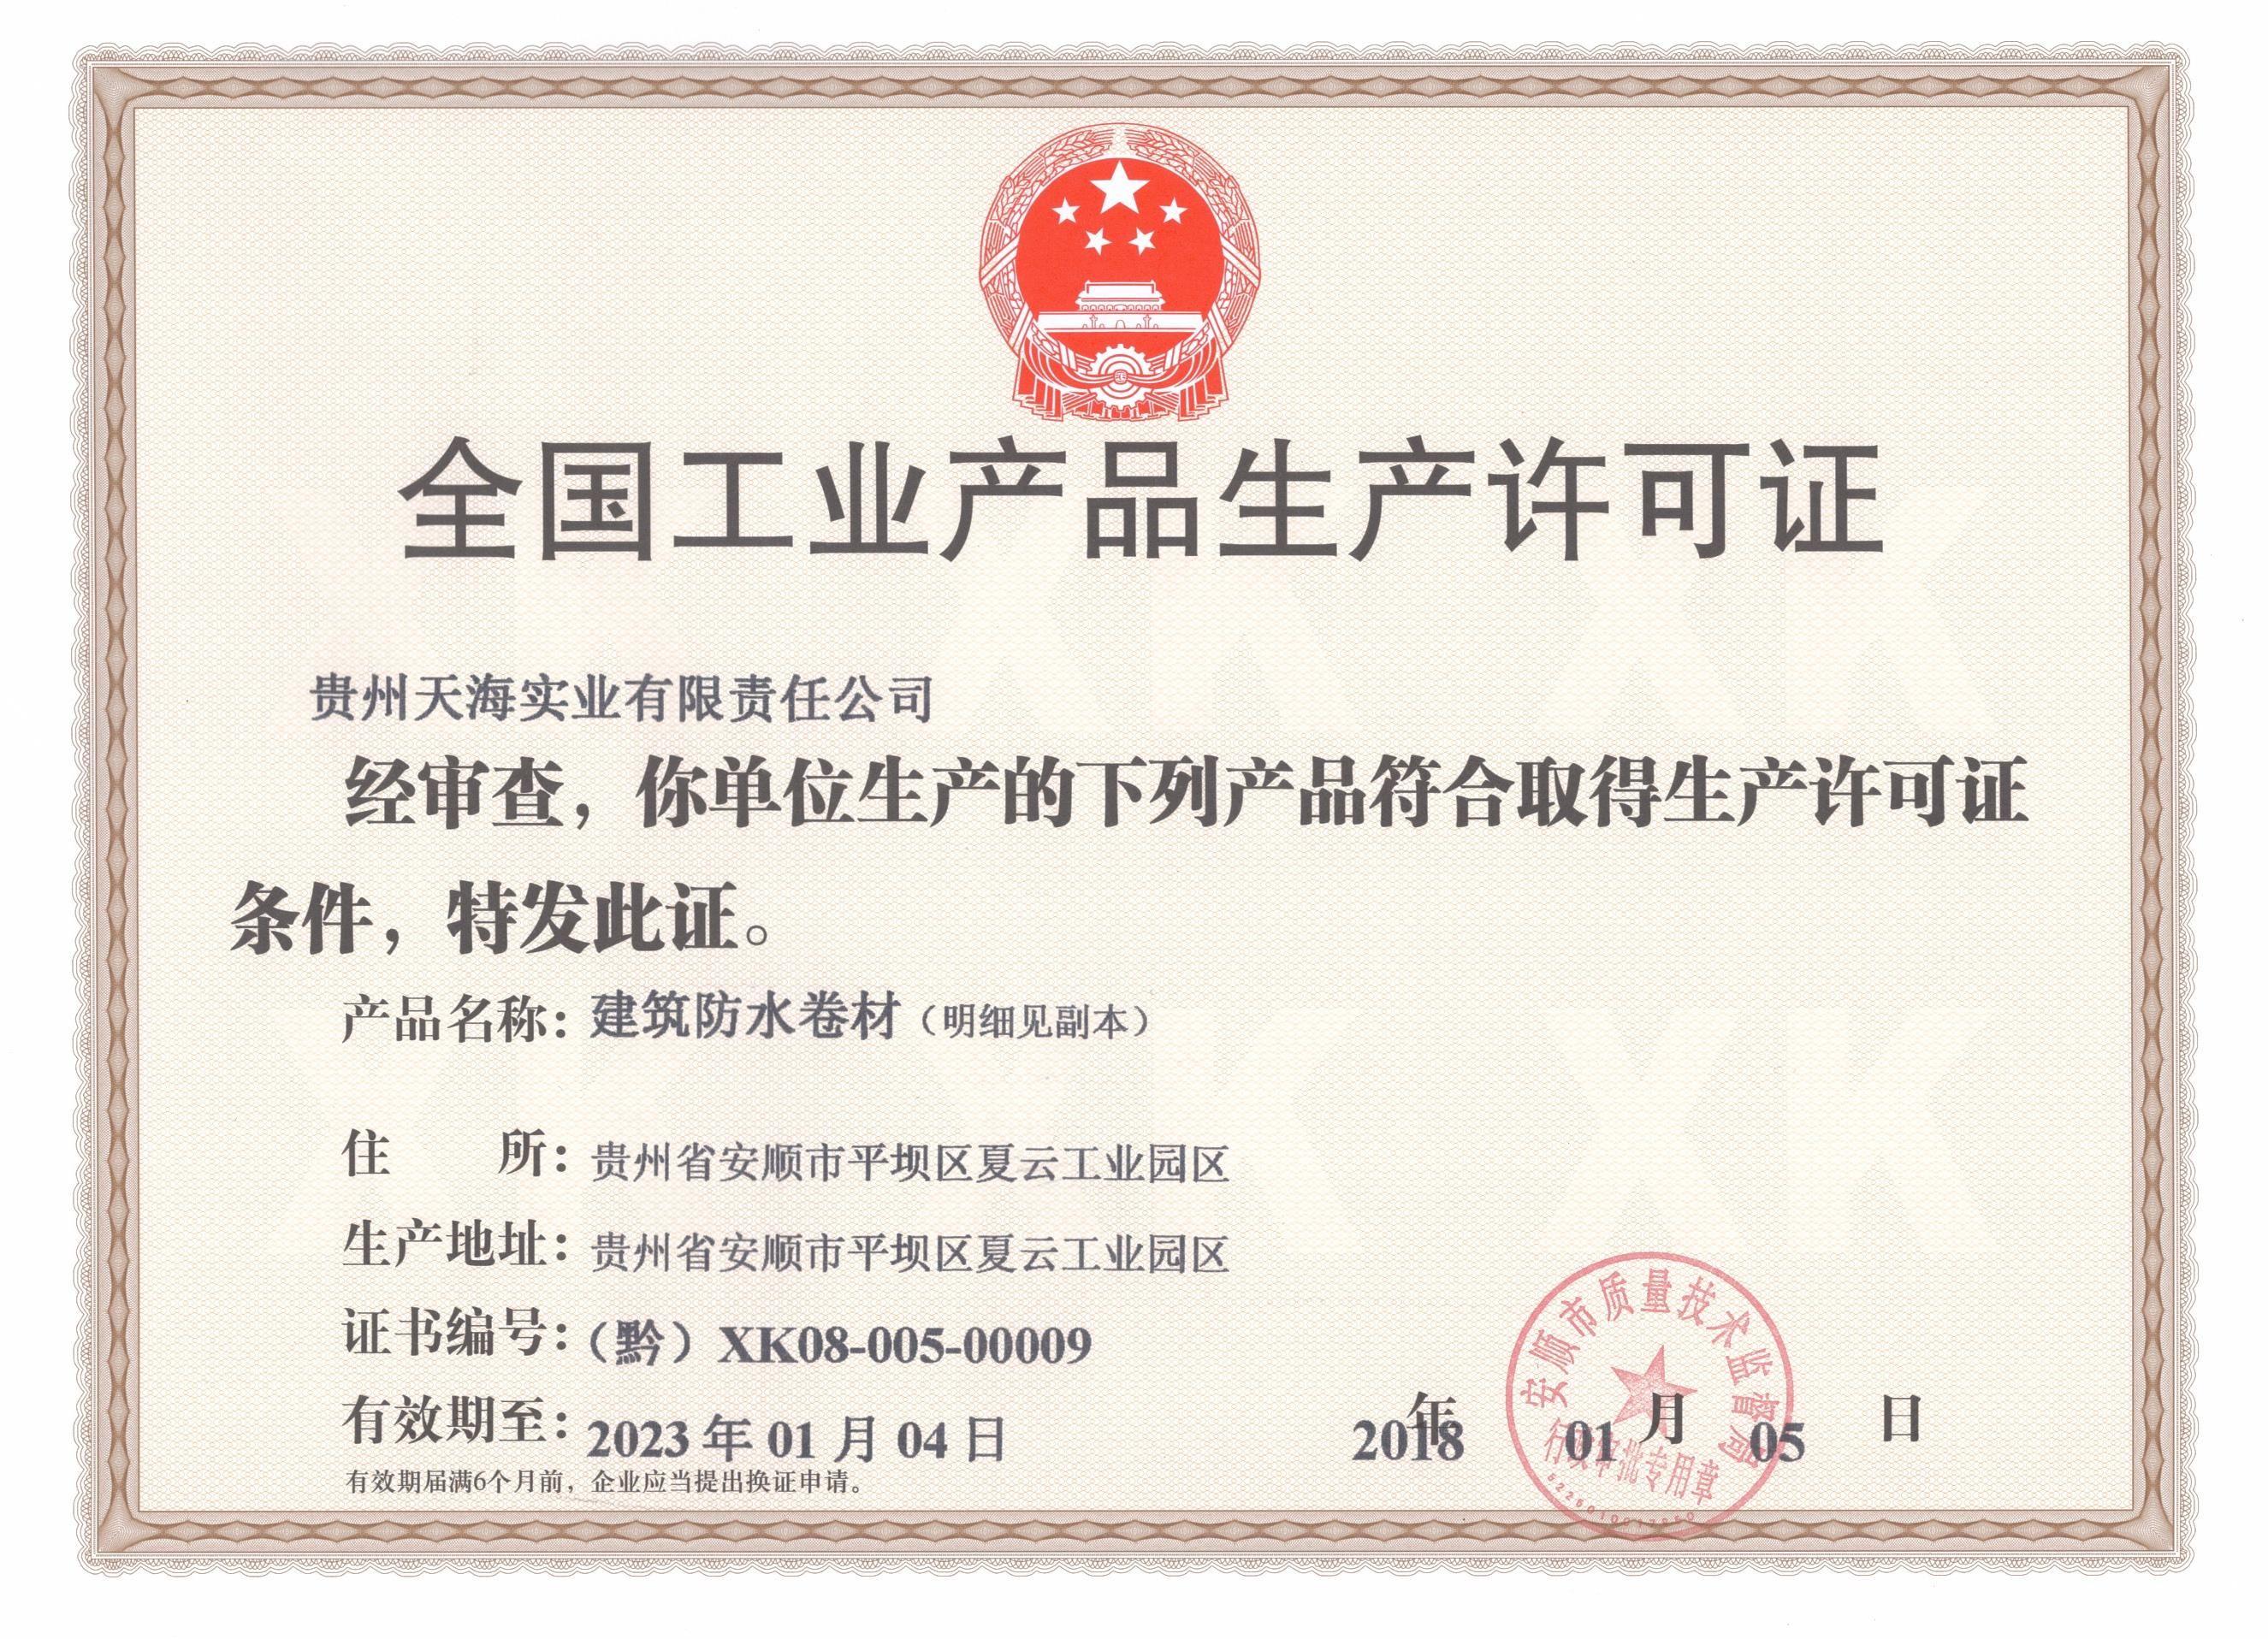 【天海】生产许可证